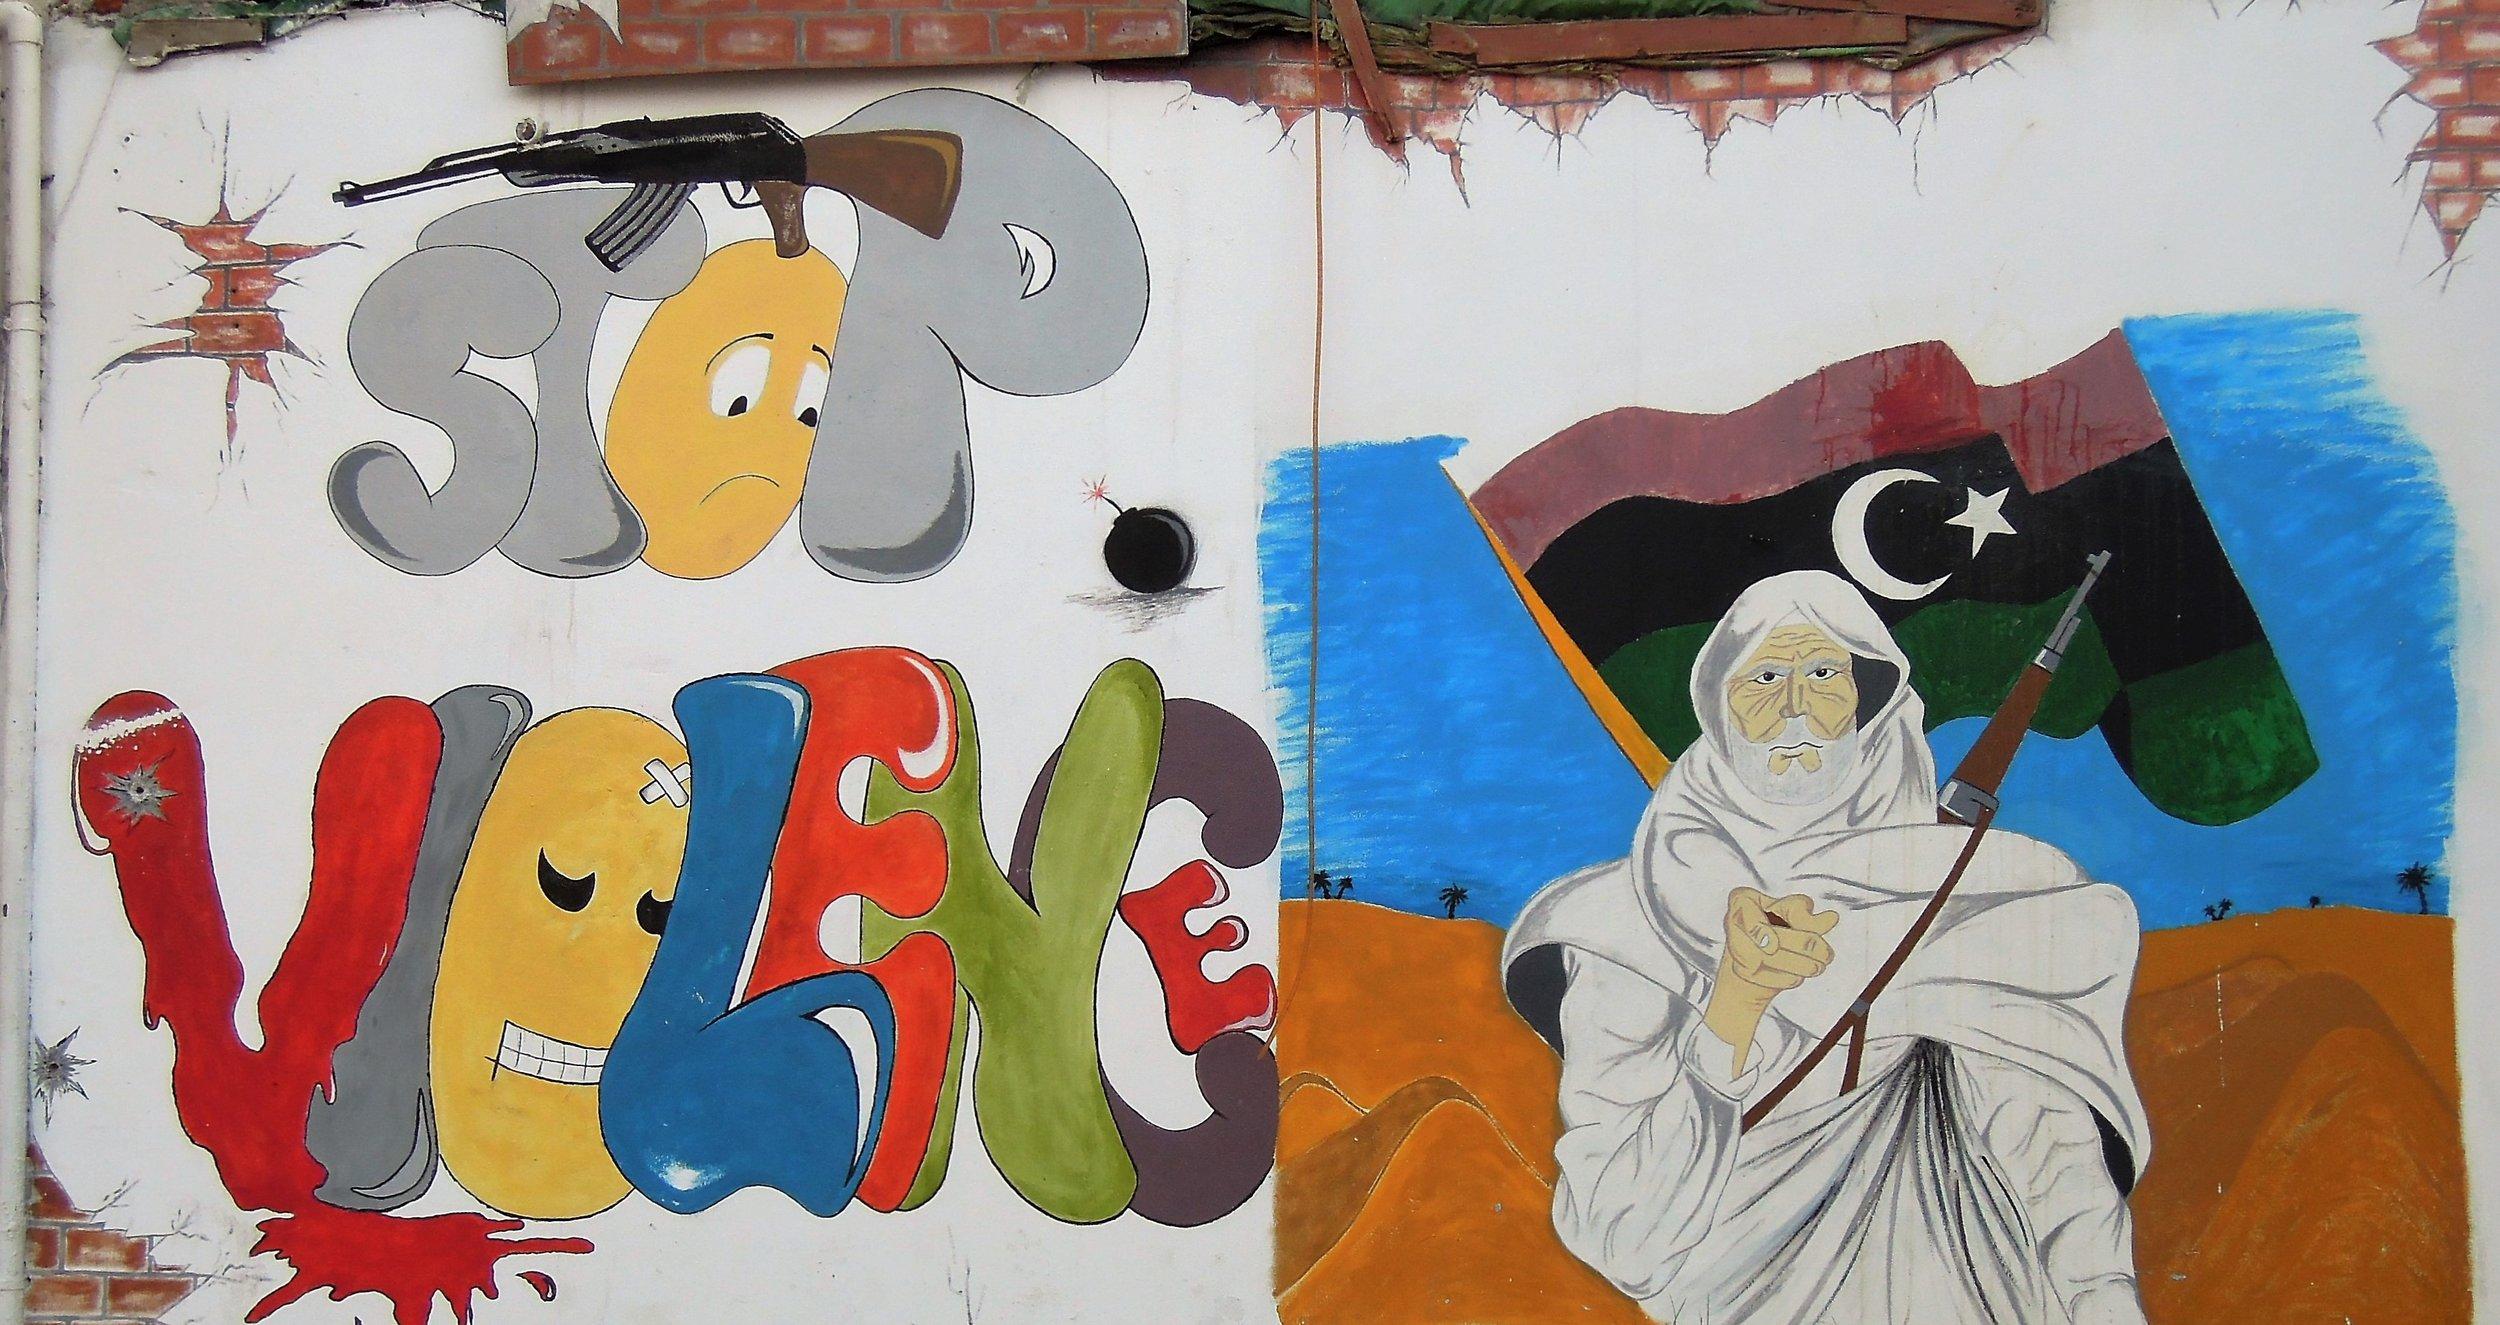 5. Libya mural (3).jpg